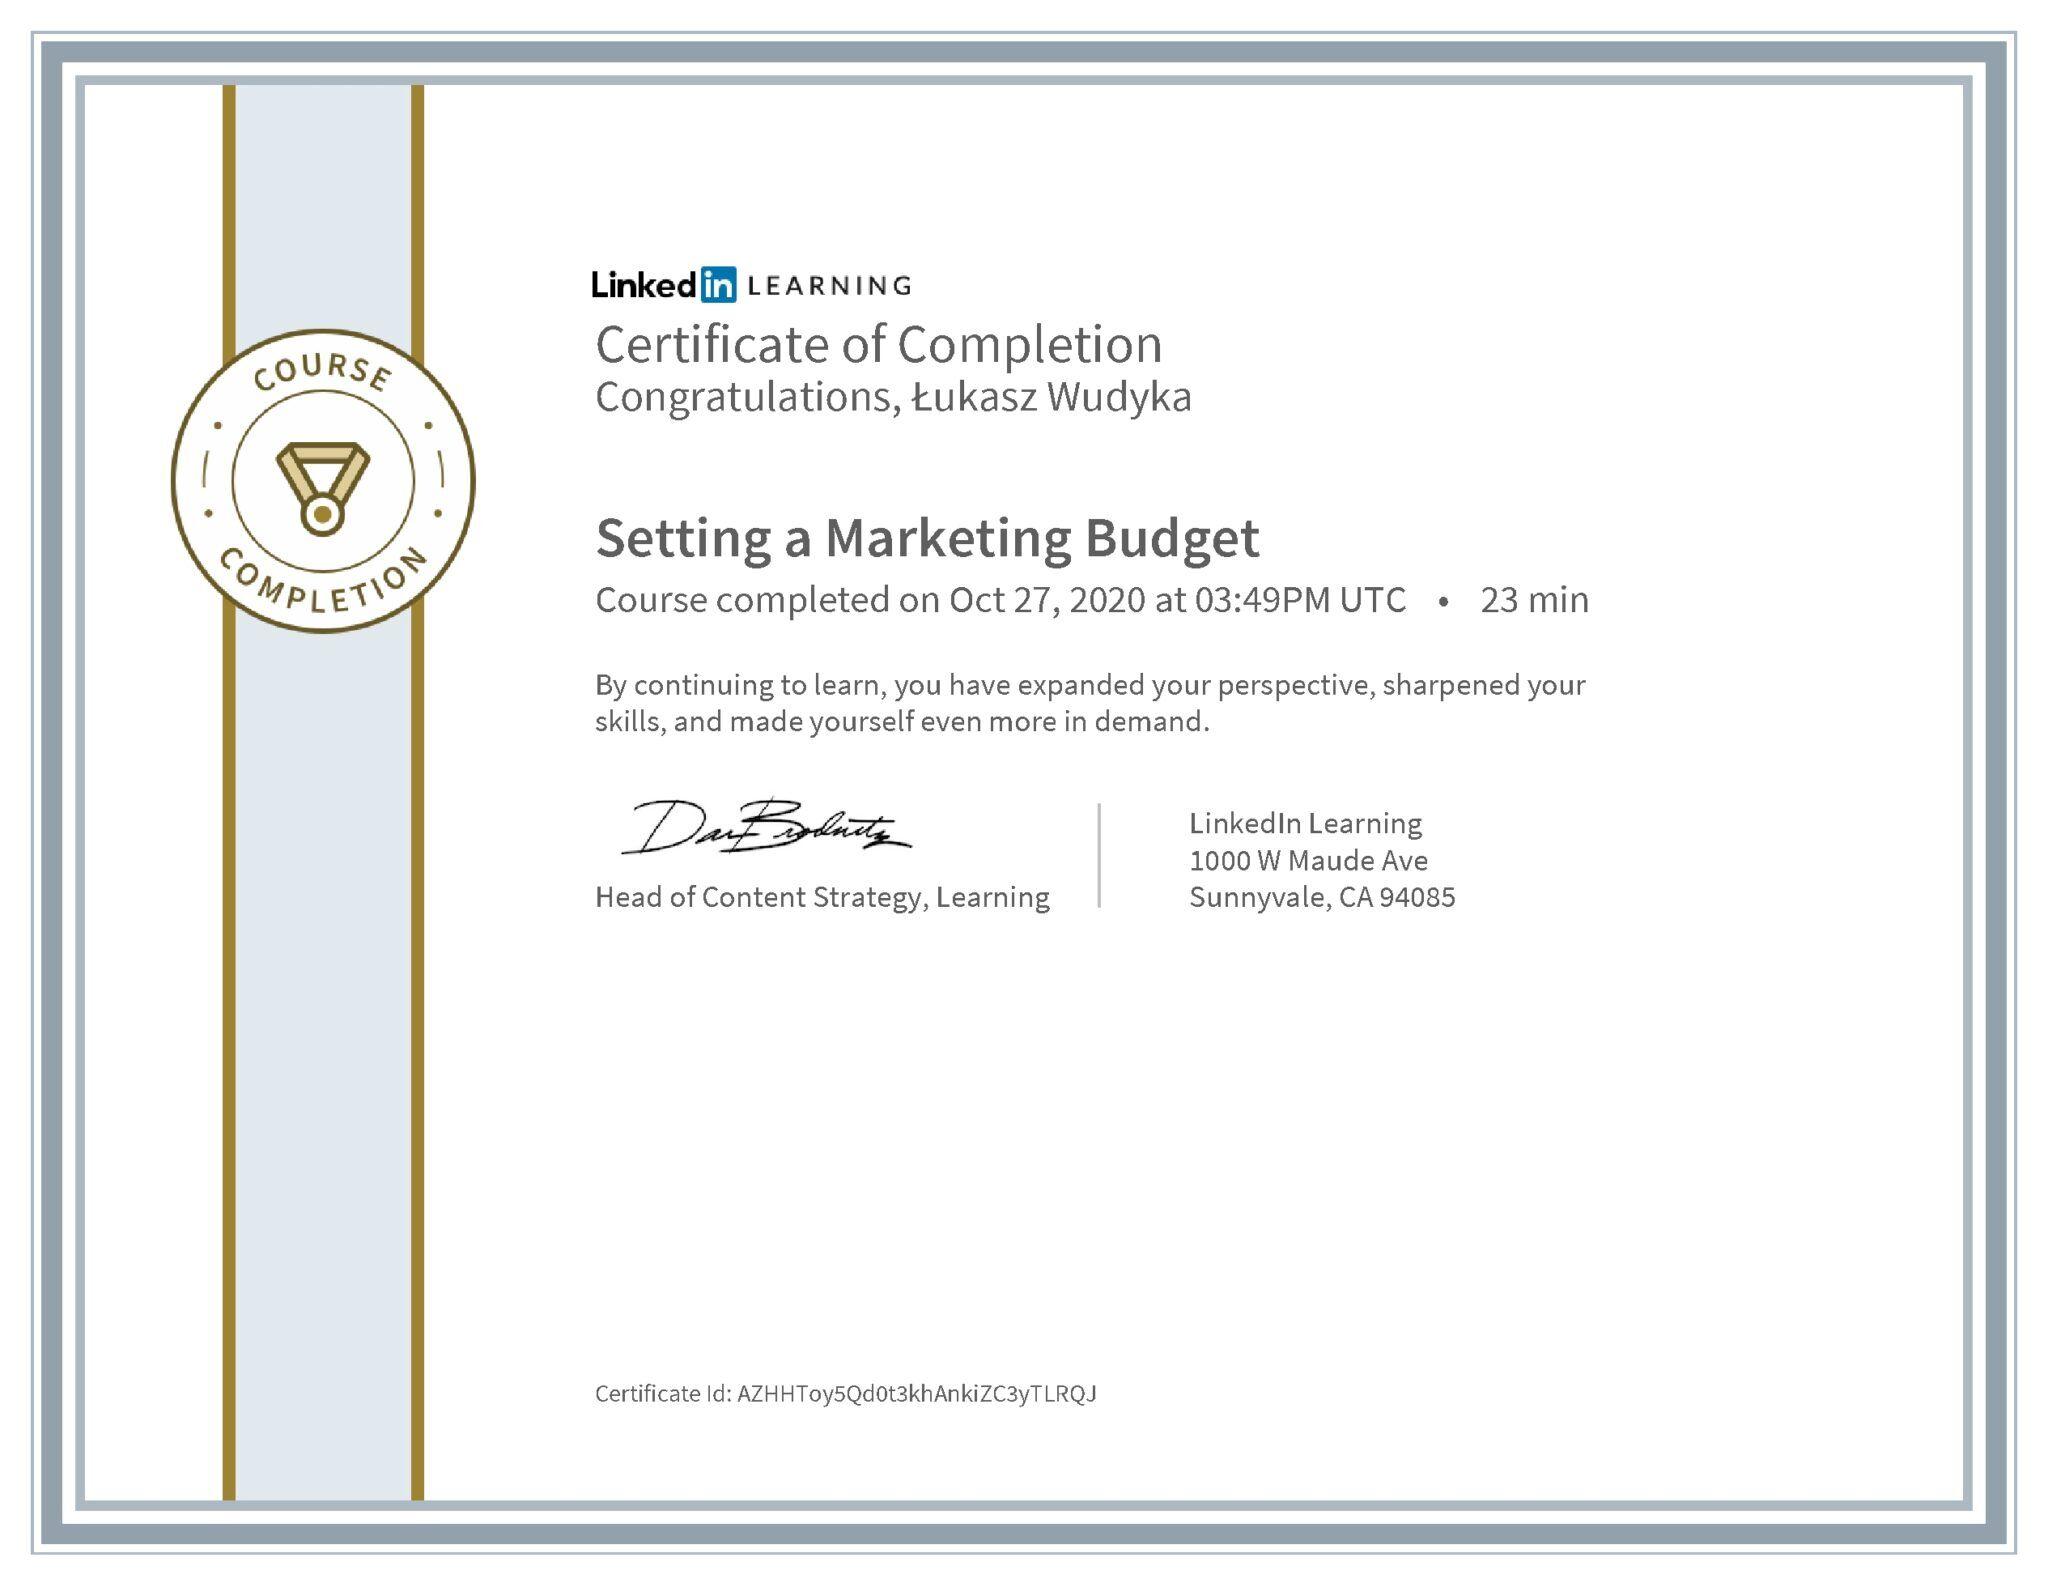 Łukasz Wudyka certyfikat LinkedIn Setting a Marketing Budget